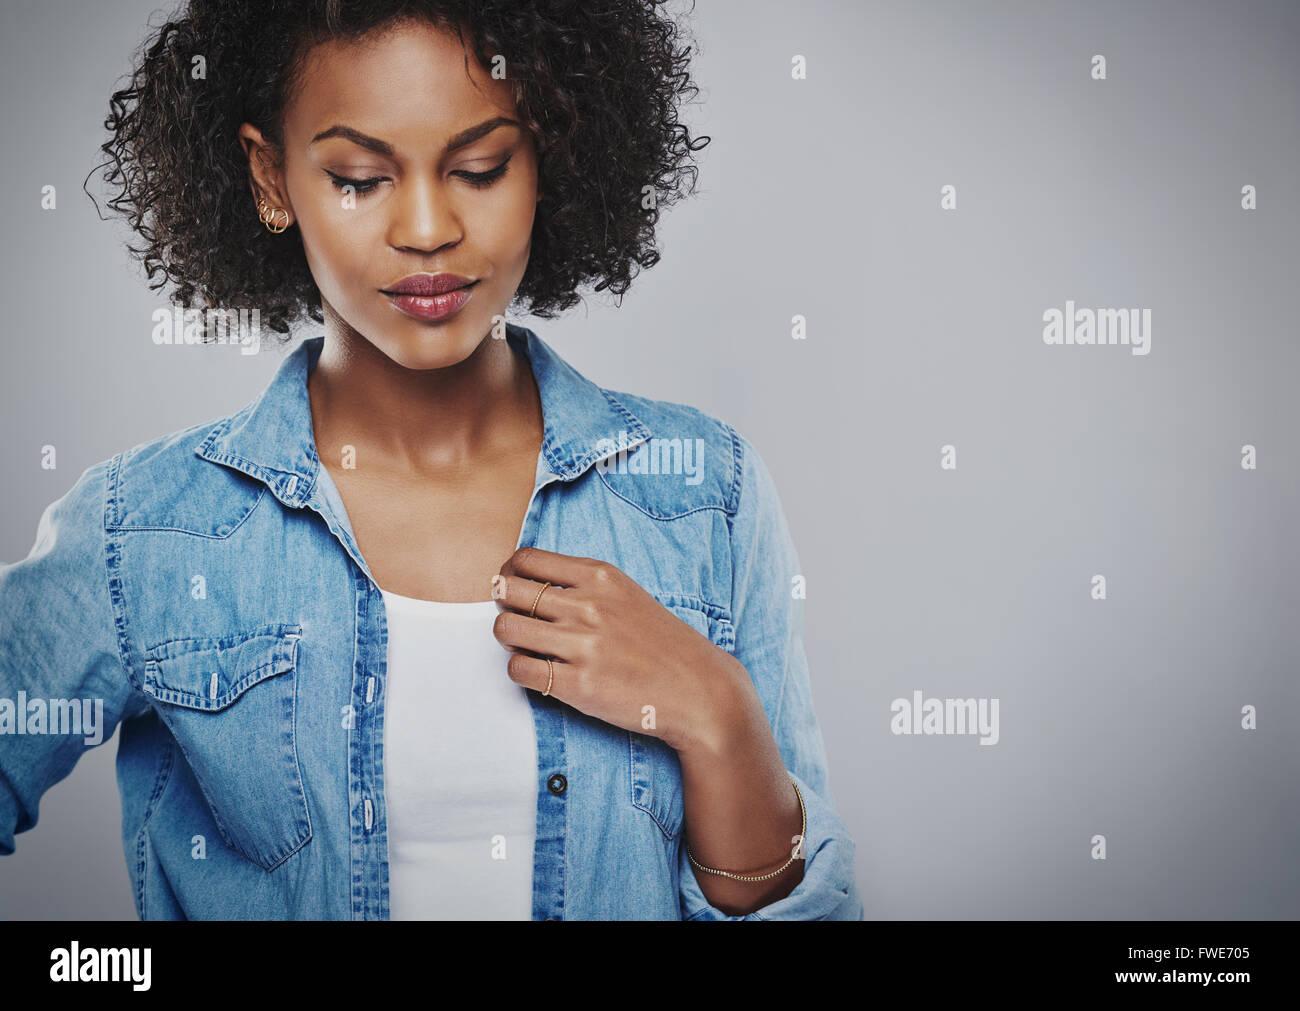 Thoughtful young African American Woman wearing une veste en jean décontracté debout avec les yeux baissés Photo Stock